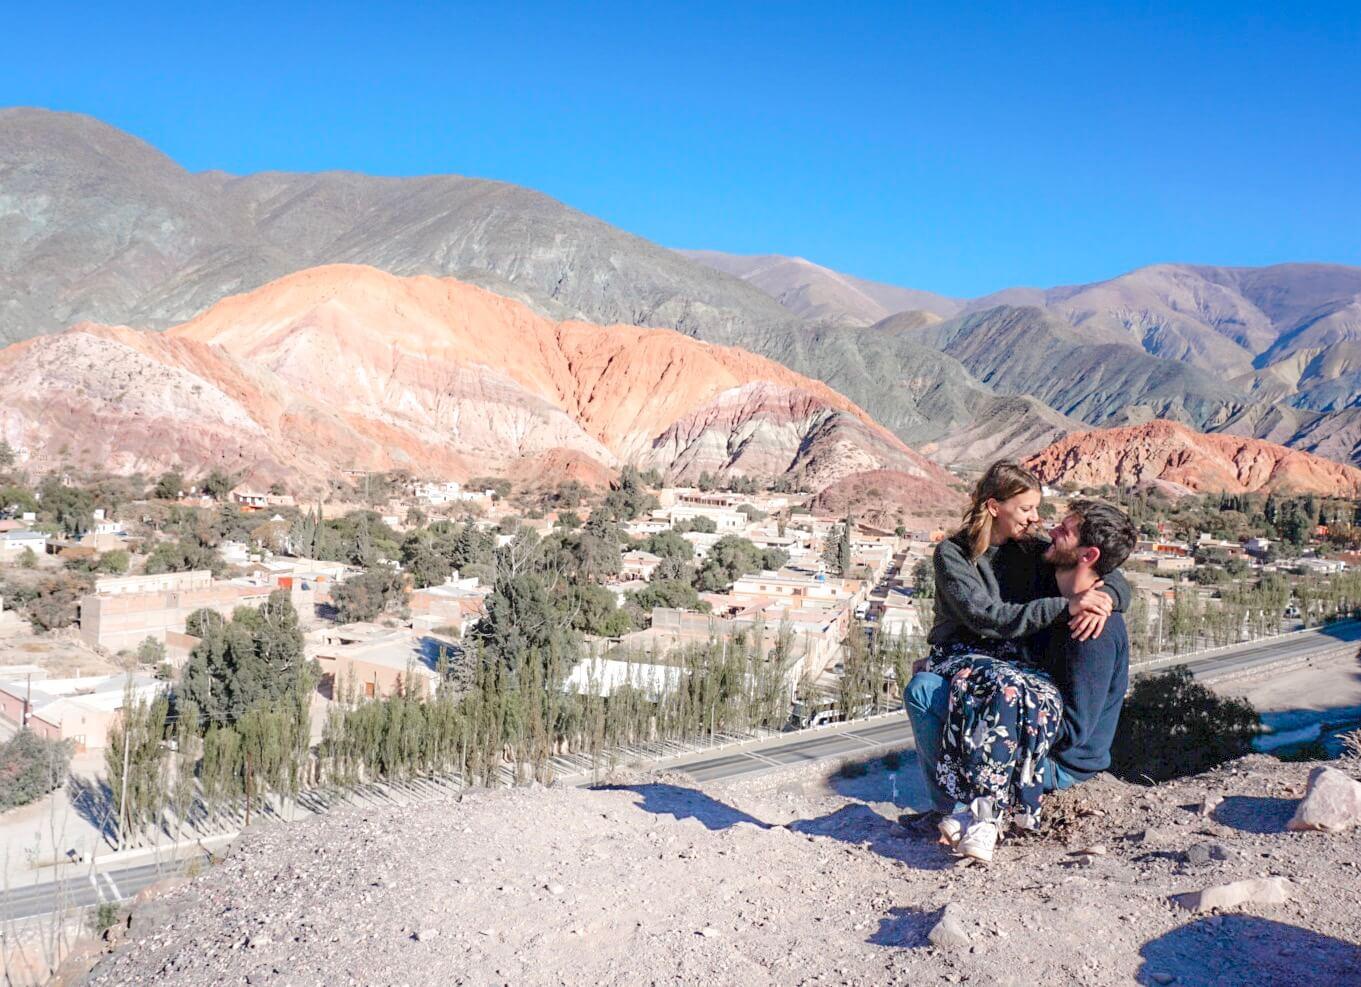 purmamarca montagne aux 7 couleurs salta